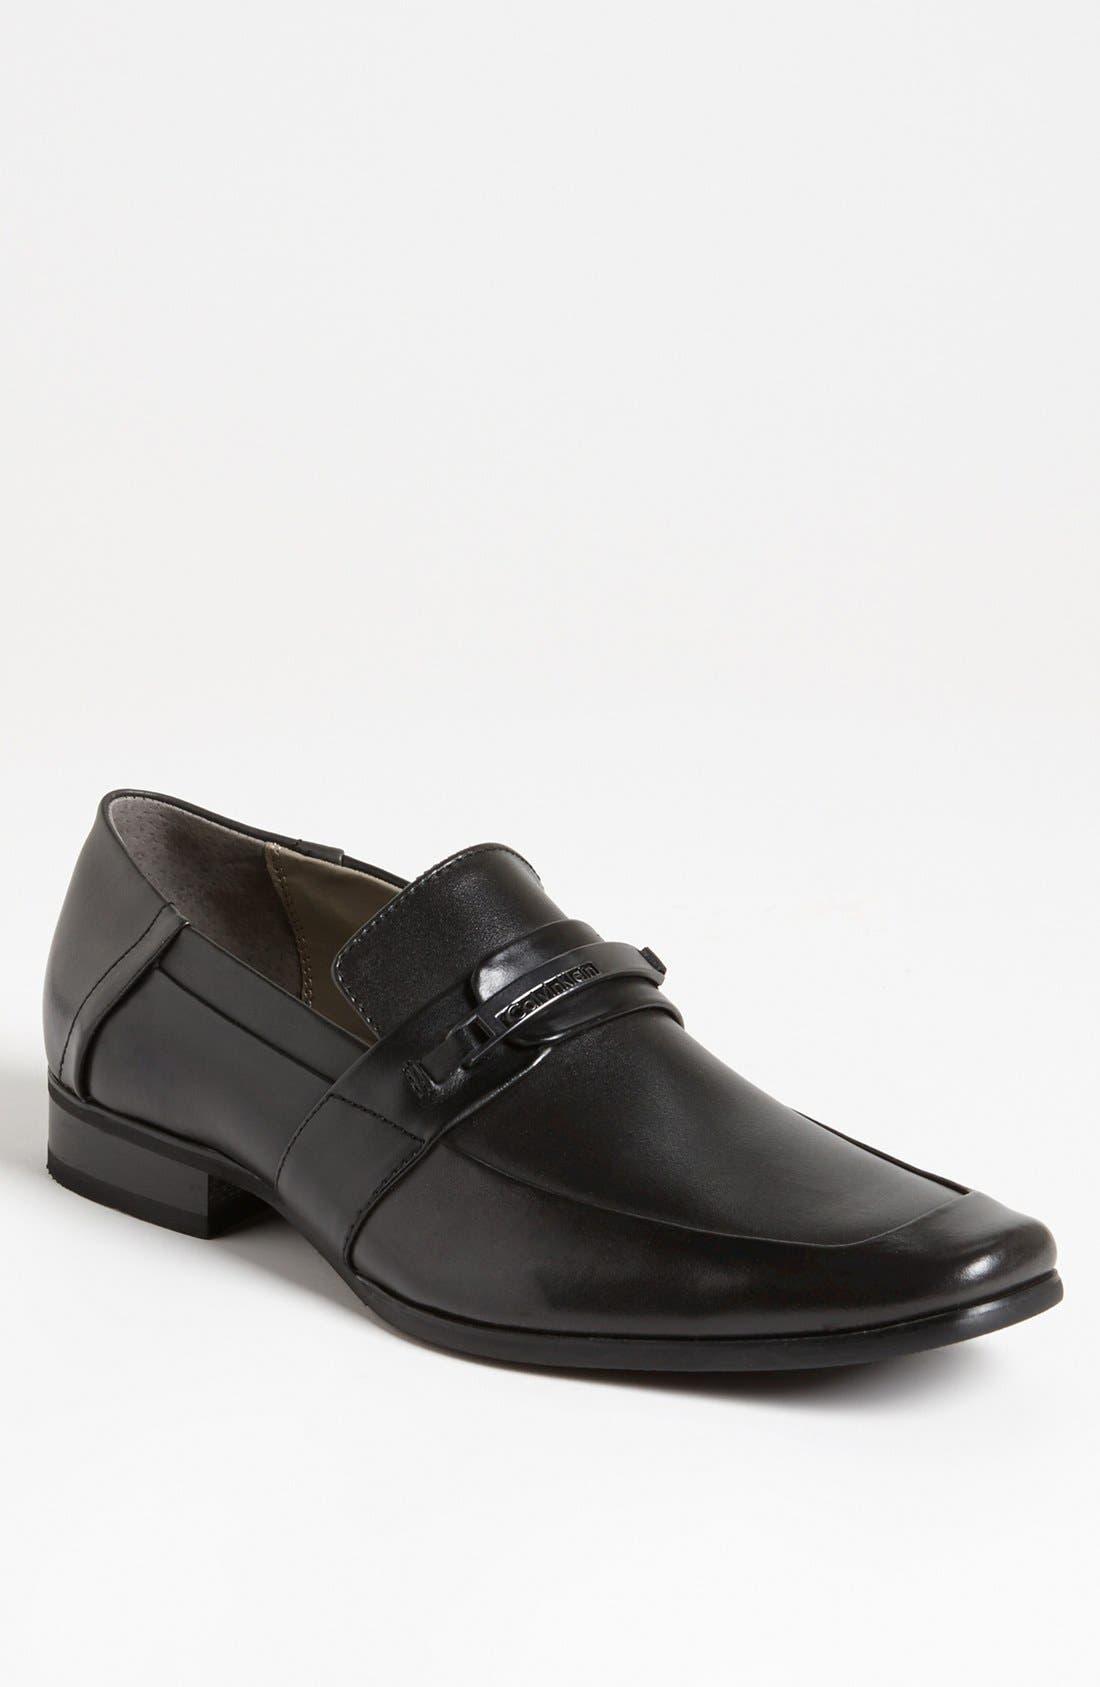 Main Image - Calvin Klein 'Brice' Bit Loafer